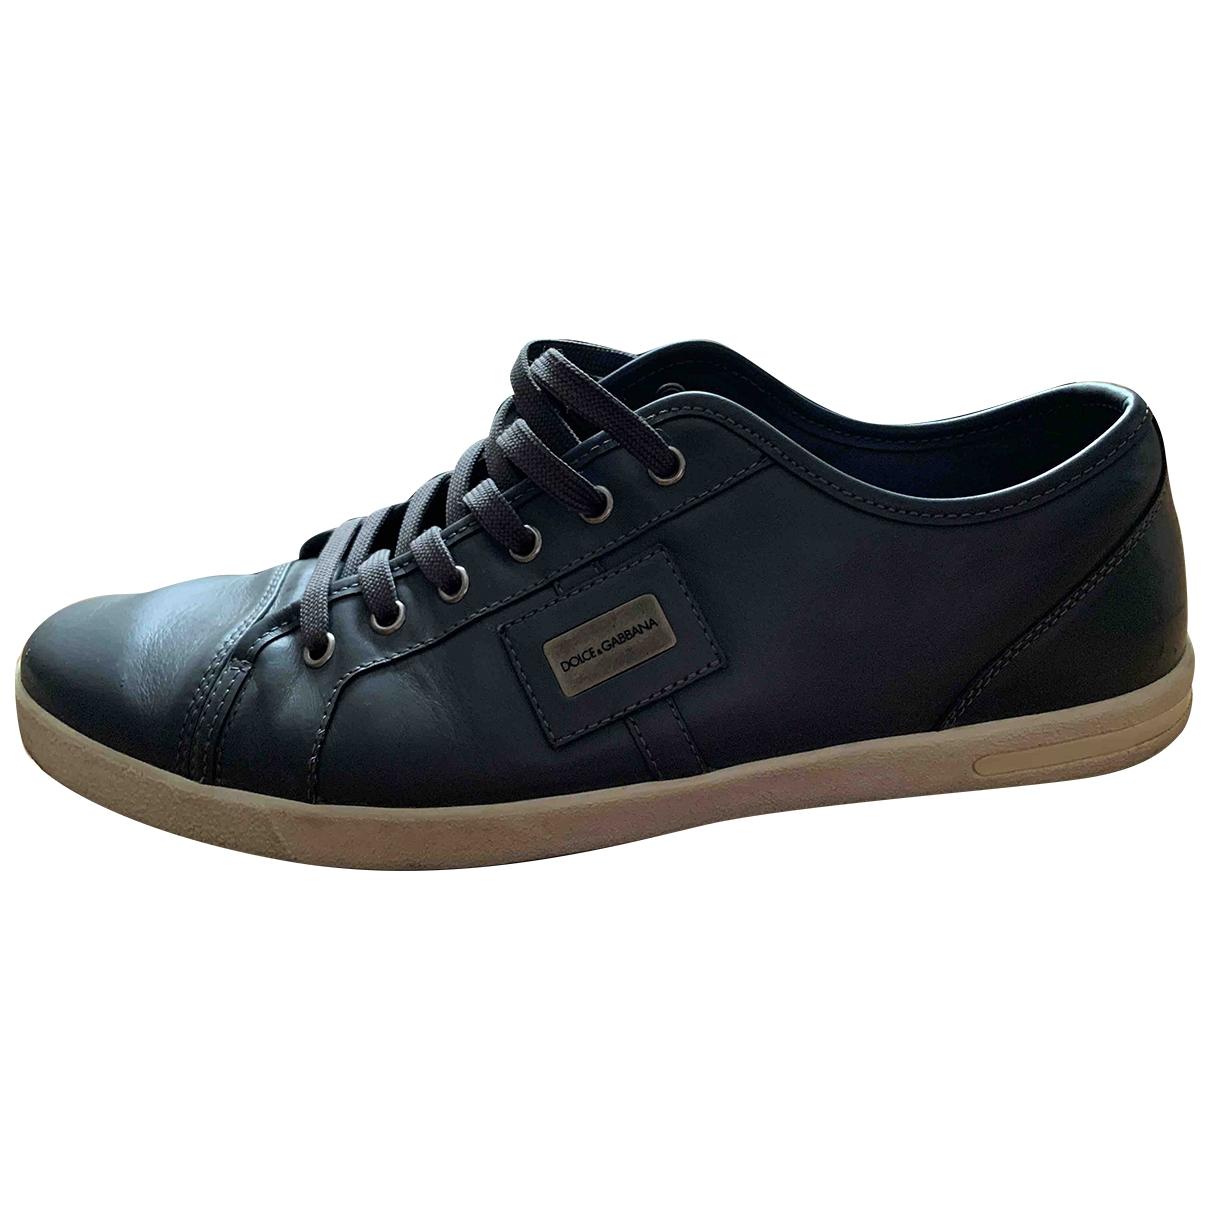 Dolce & Gabbana - Baskets   pour homme en cuir - gris